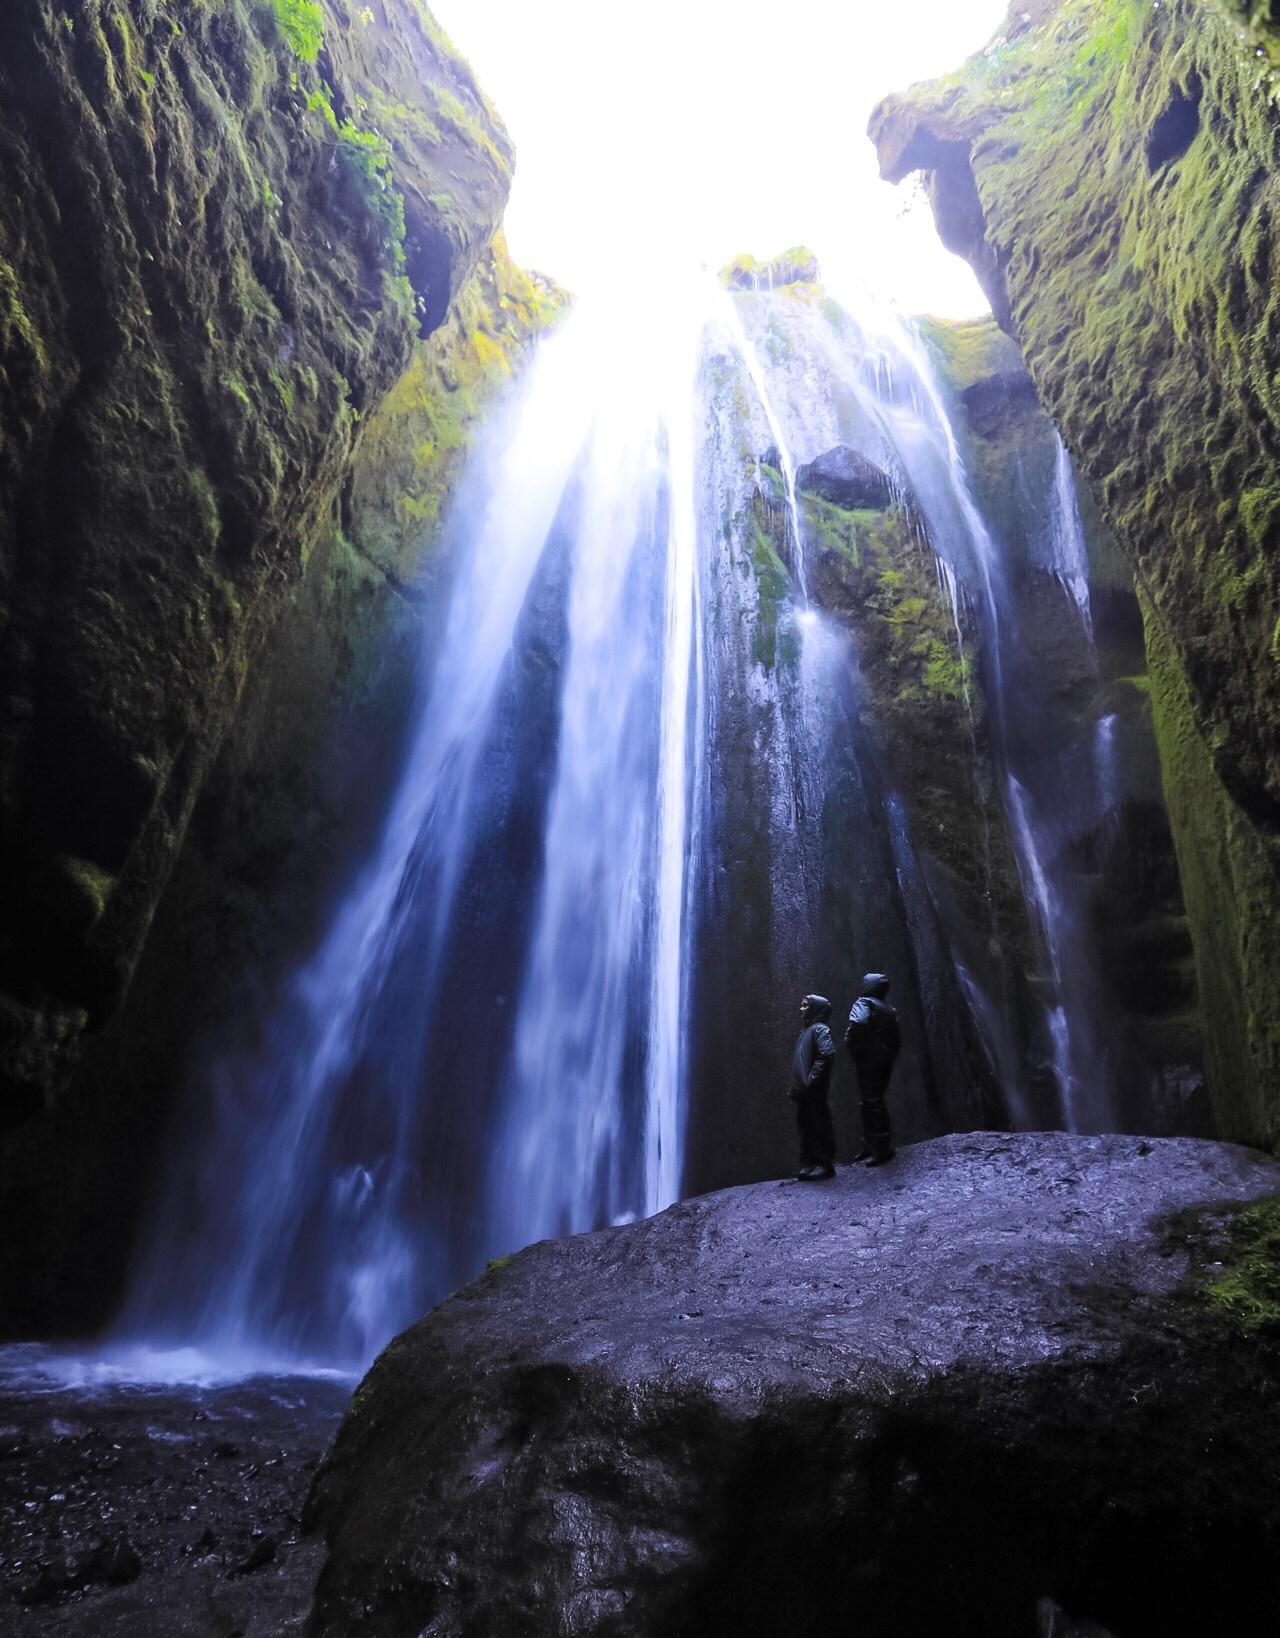 La cascata nascosta